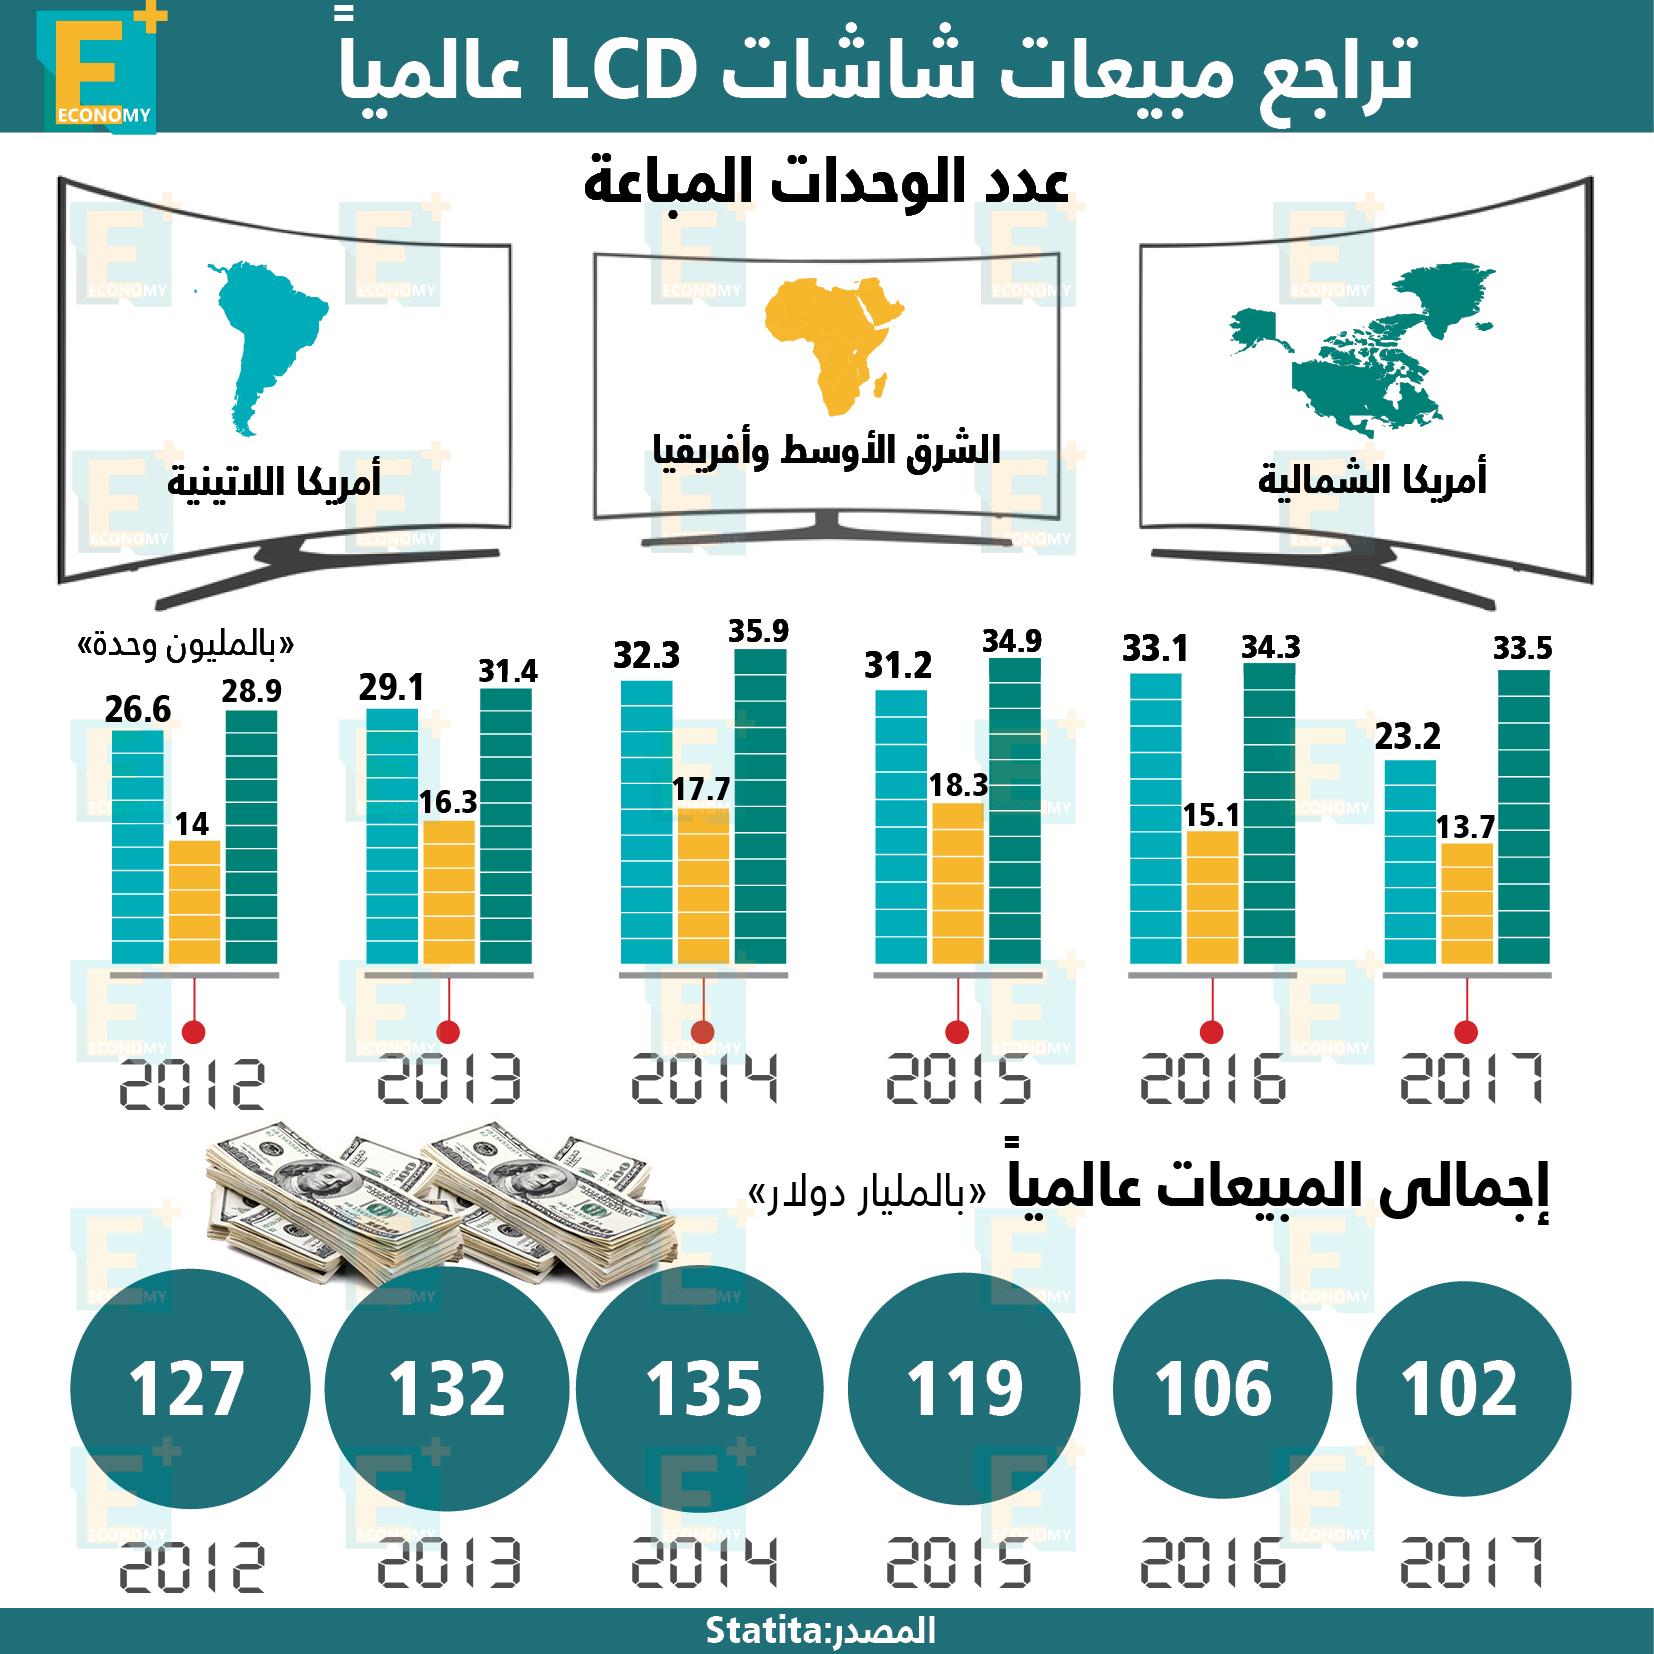 تراجع مبيعات شاشات LCD عالمياً